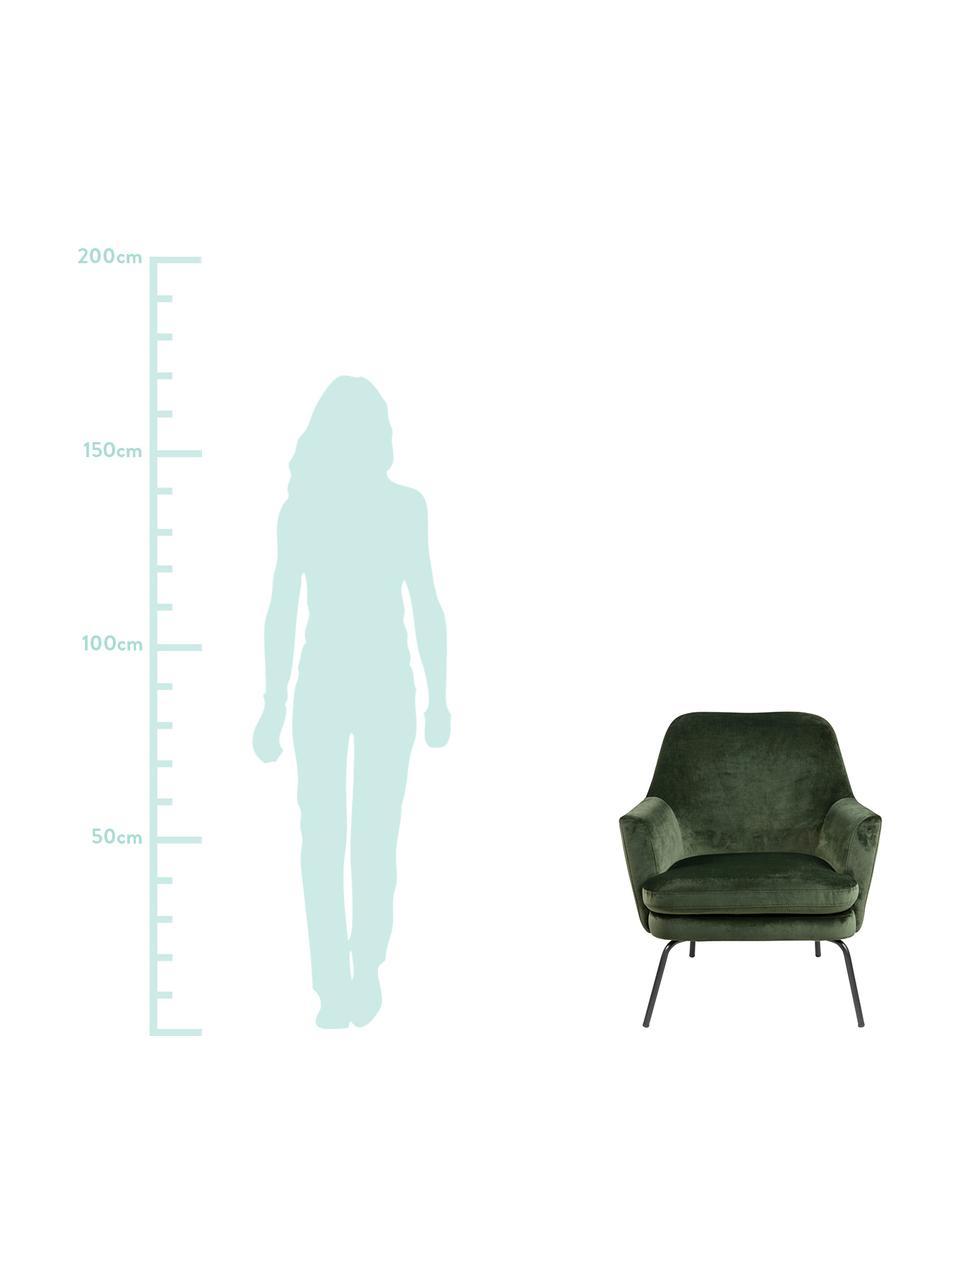 Samt-Cocktailsessel Chisa in Grün, Bezug: Polyester (Samt) Der hoch, Beine: Metall, pulverbeschichtet, Samt Waldgrün, B 68 x T 73 cm